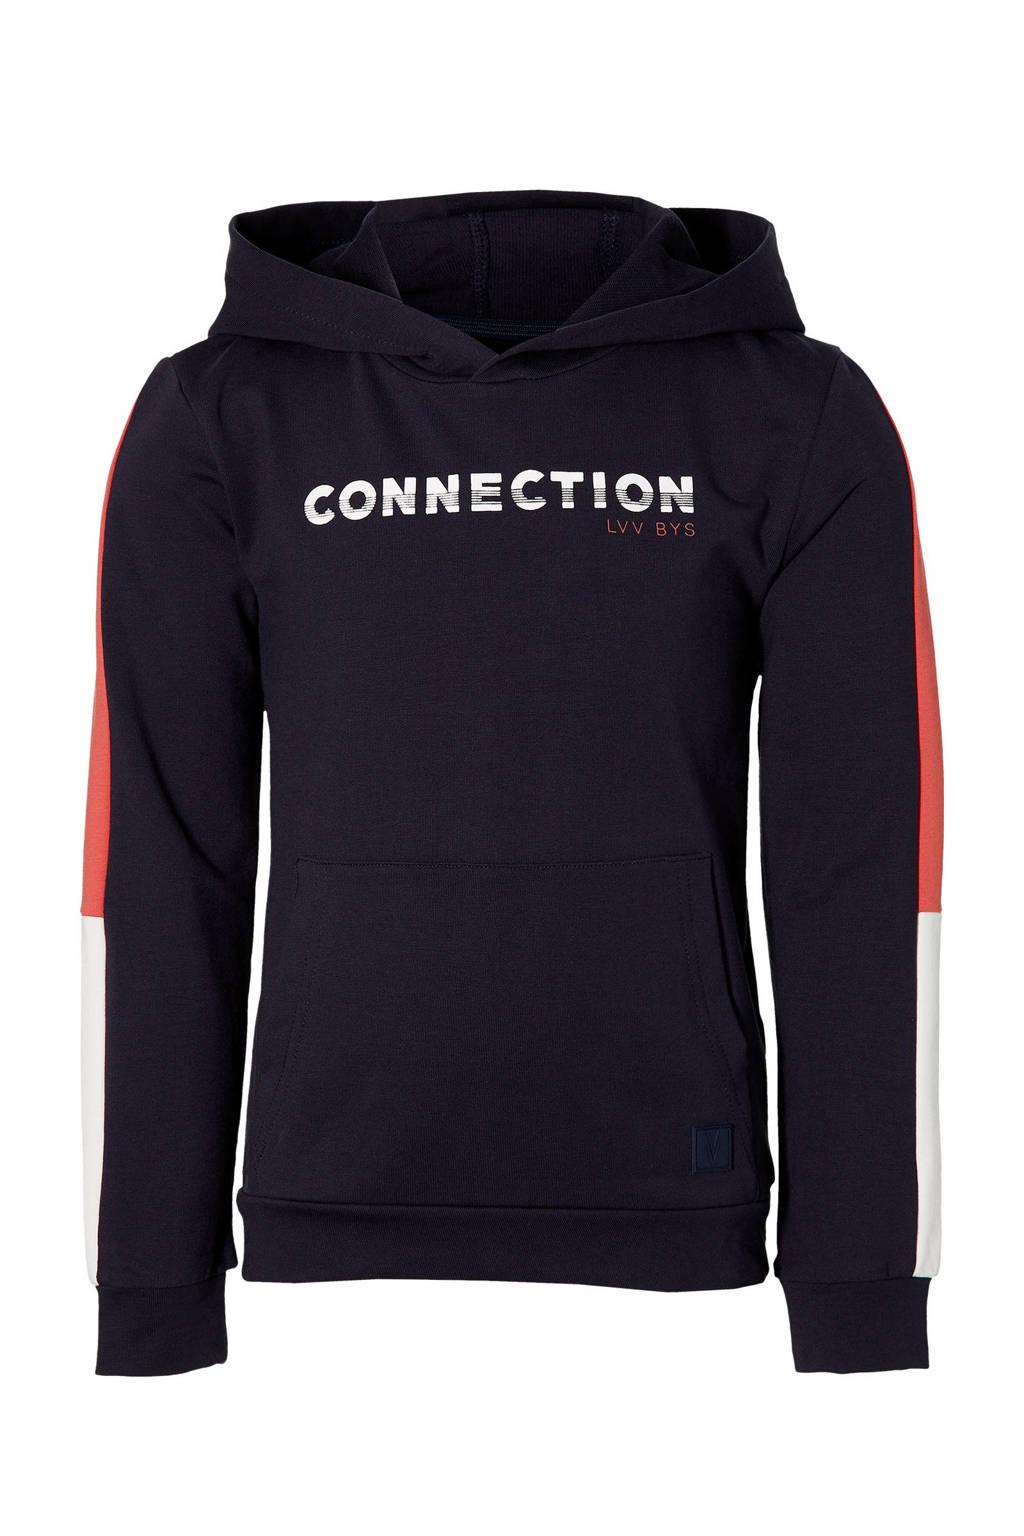 LEVV Boys hoodie Mayzen met contrastbies donkerblauw/wit/rood, Donkerblauw/wit/rood